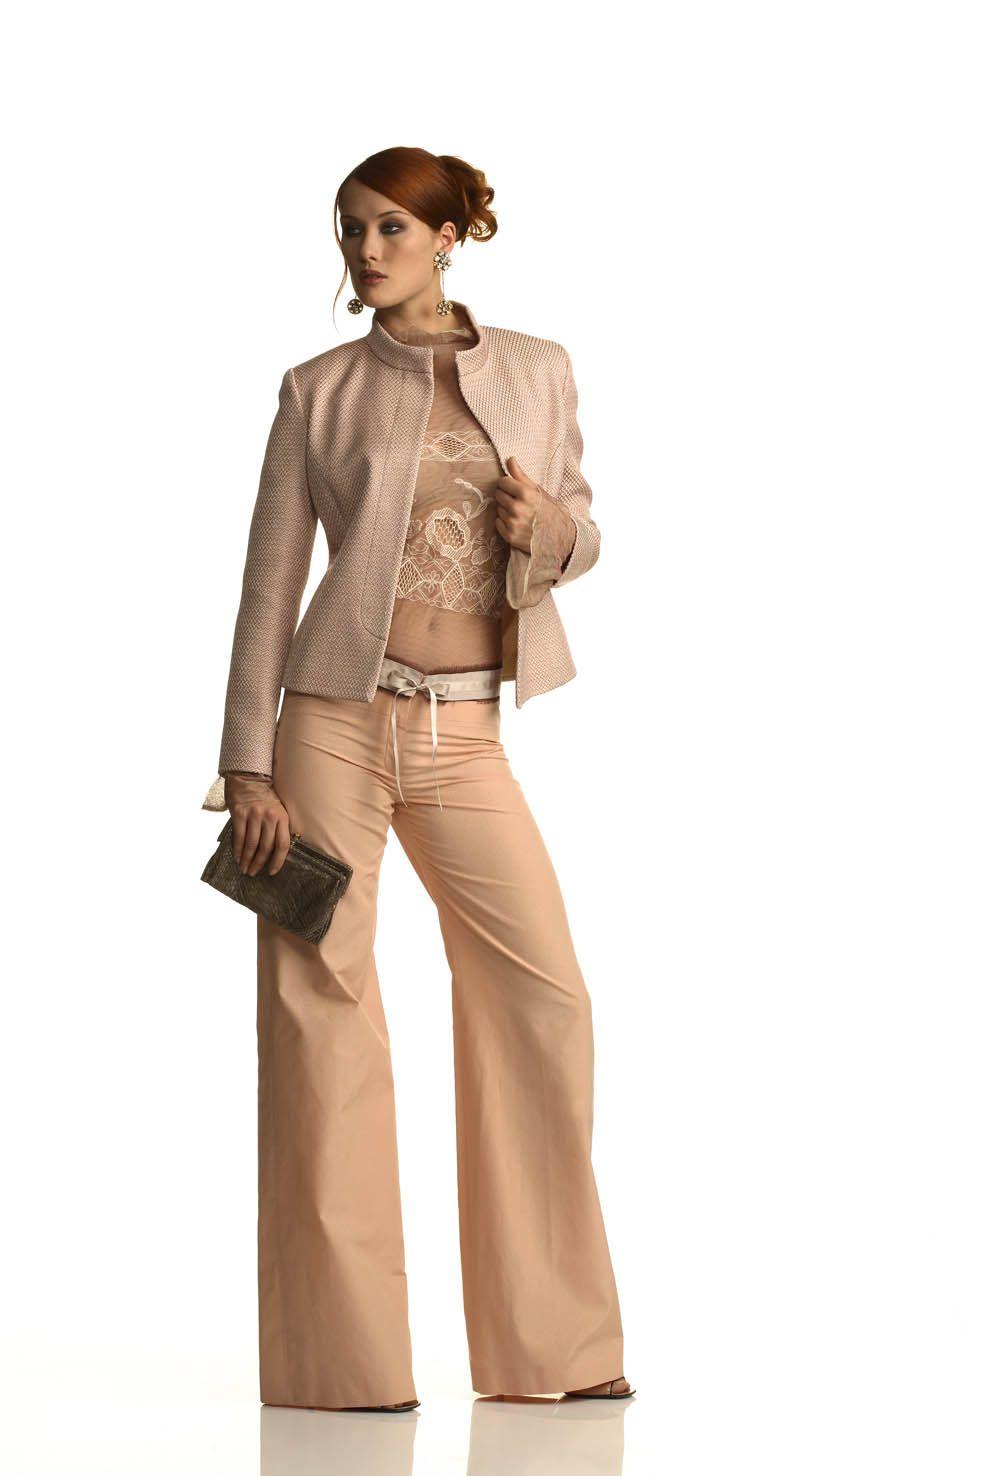 2a866ed72e78 completo elegante composto da pantalone largo, top in pizzo ricamato e  giacca con collo alla coreana